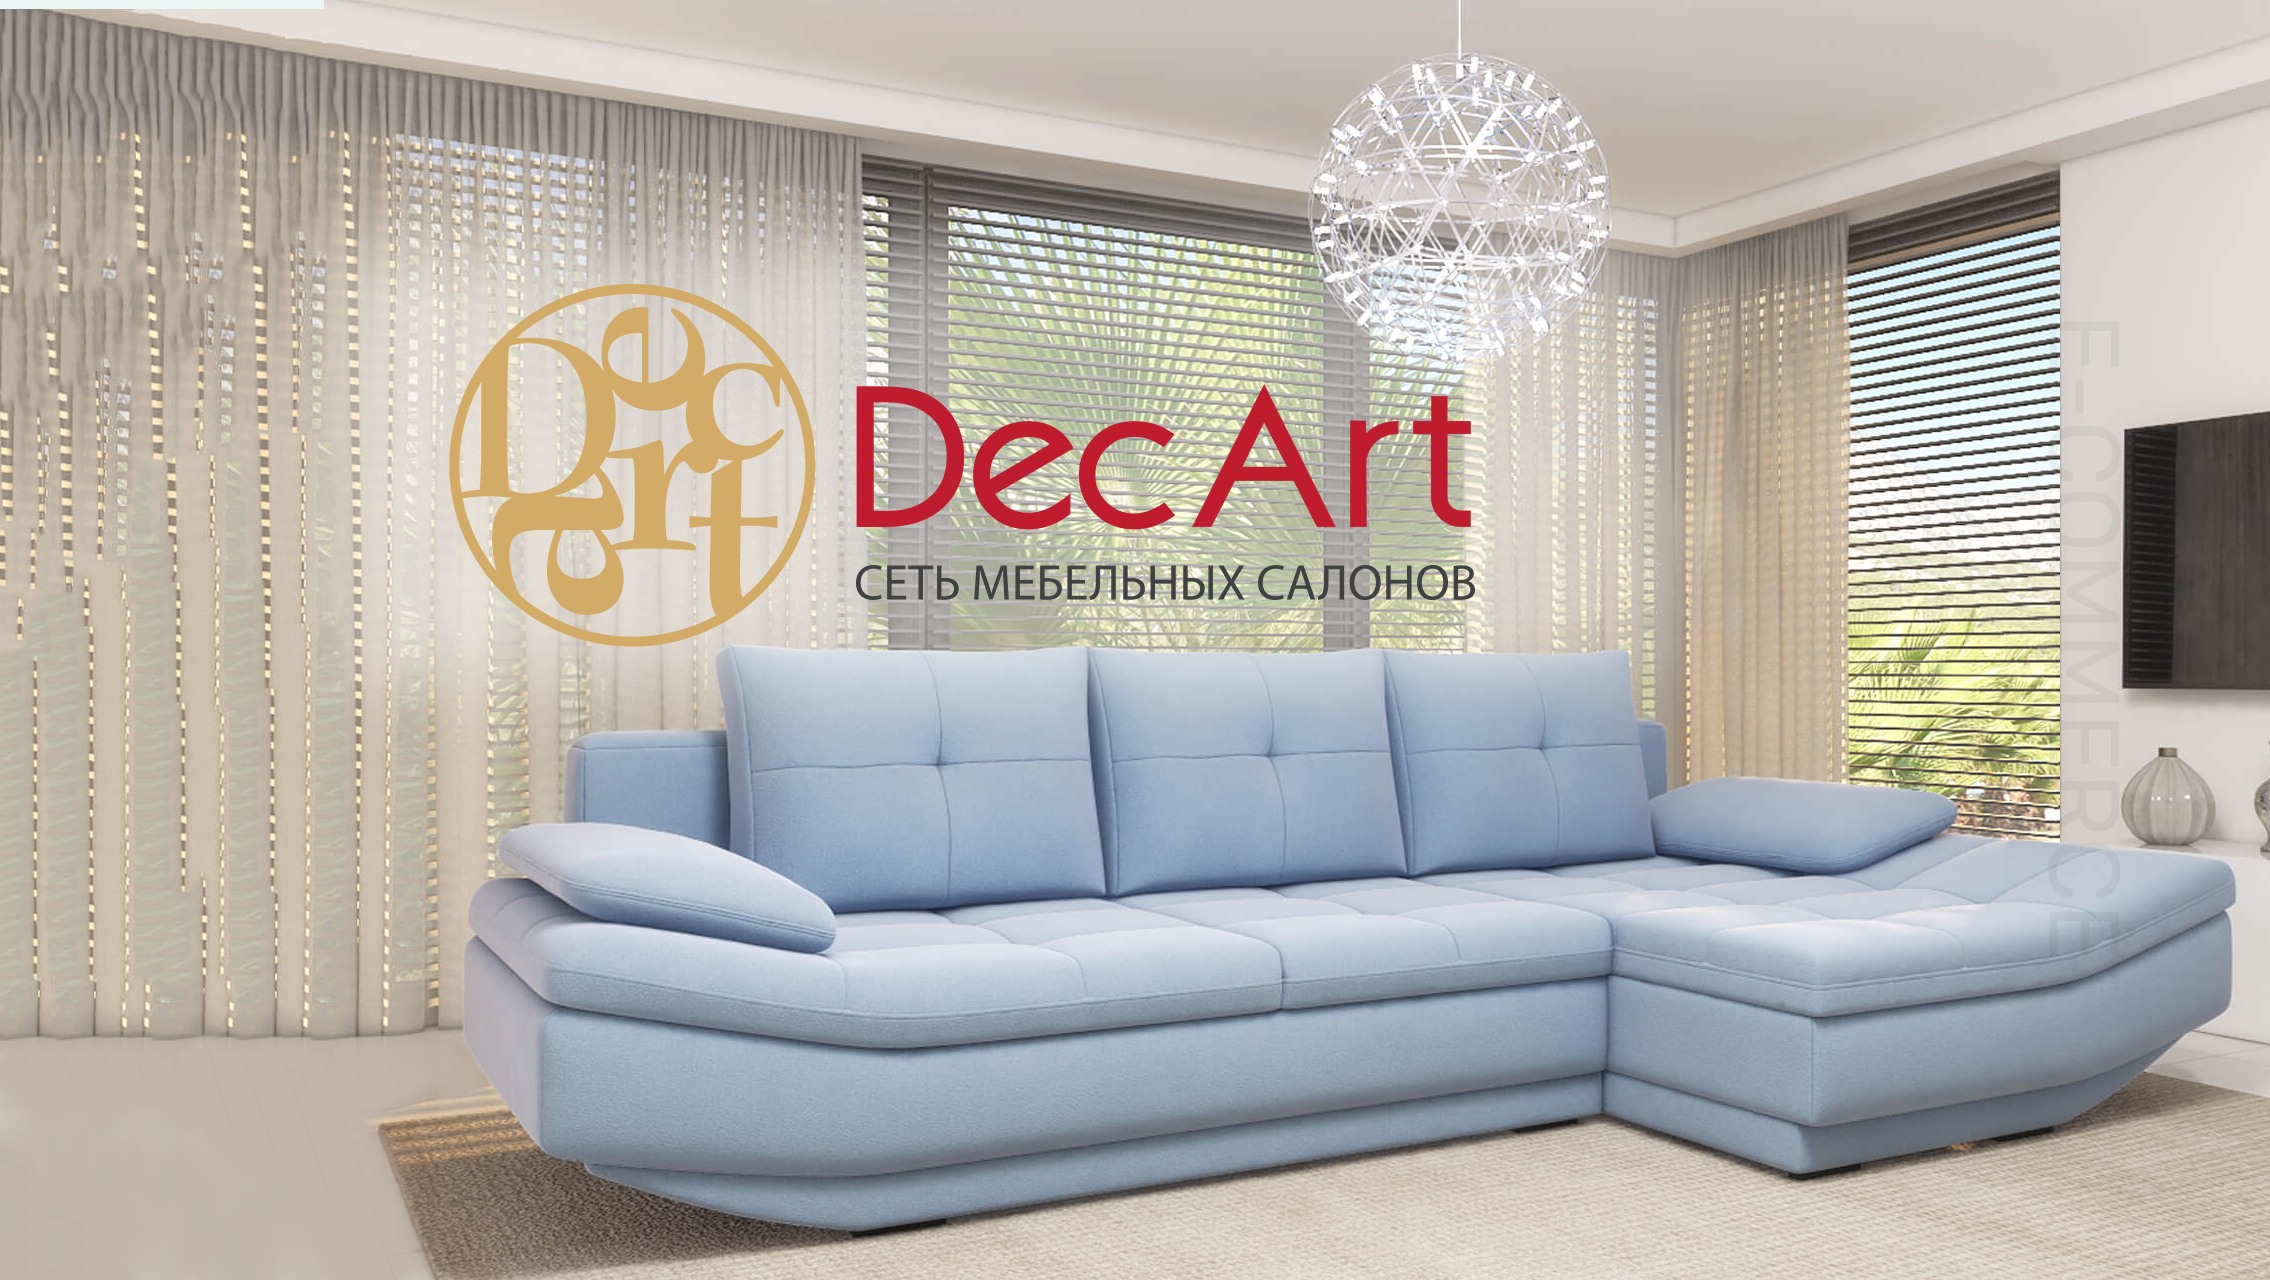 Создание интернет-магазина мебельной сети Decart